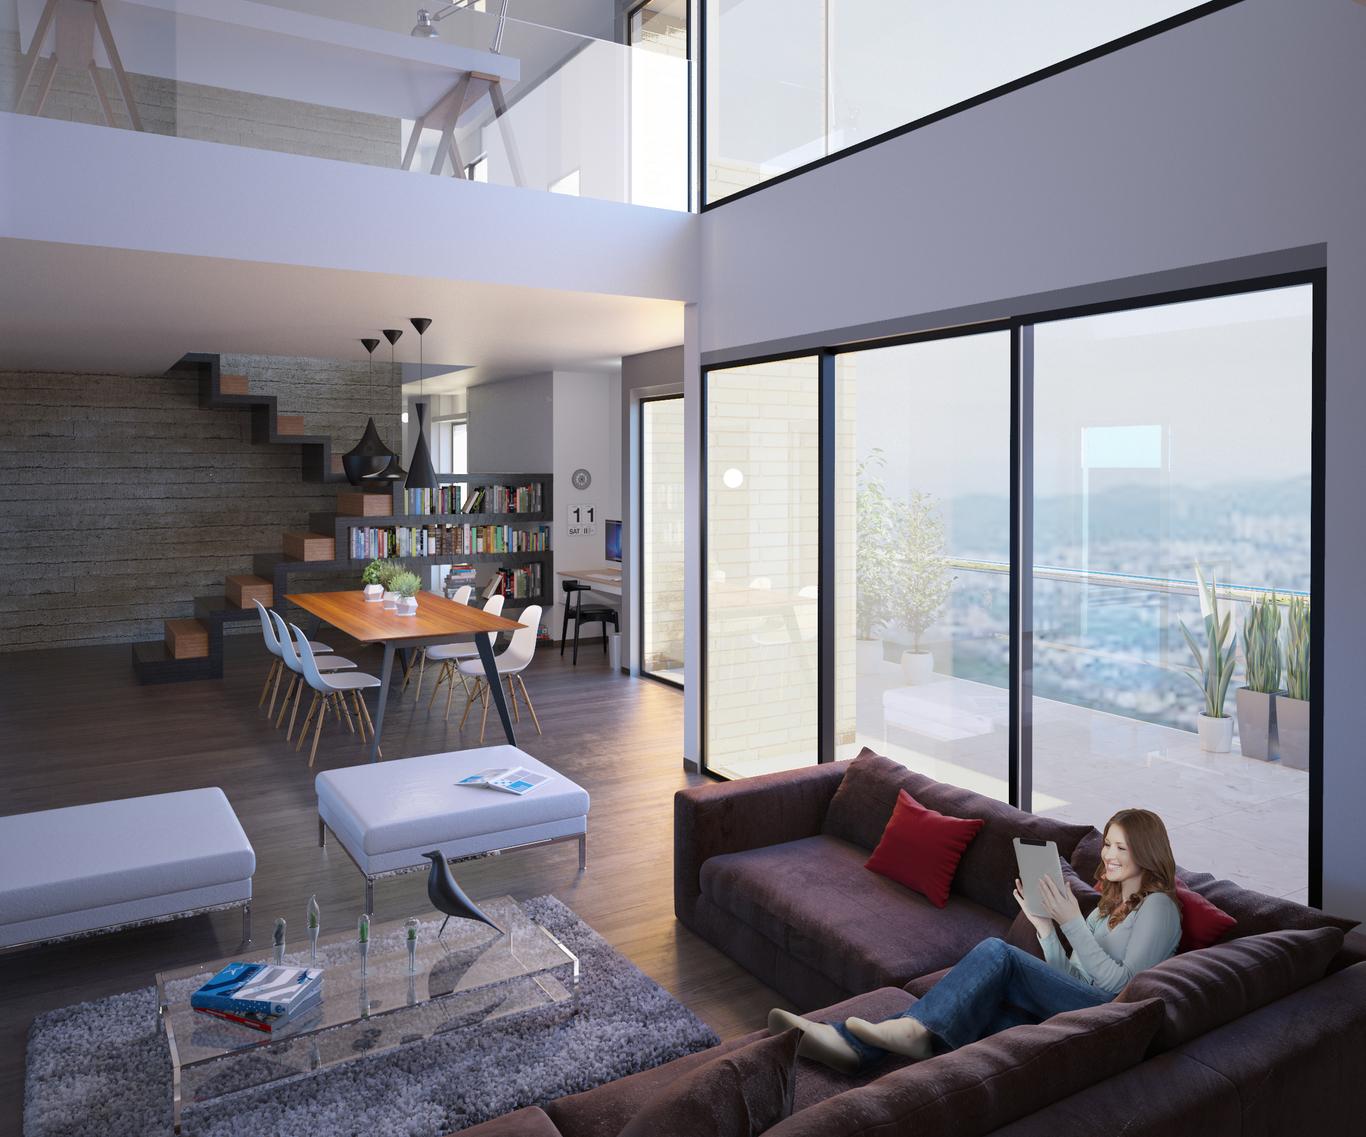 Angelamaria99 living room penthous 1 b2ded75c o7dl